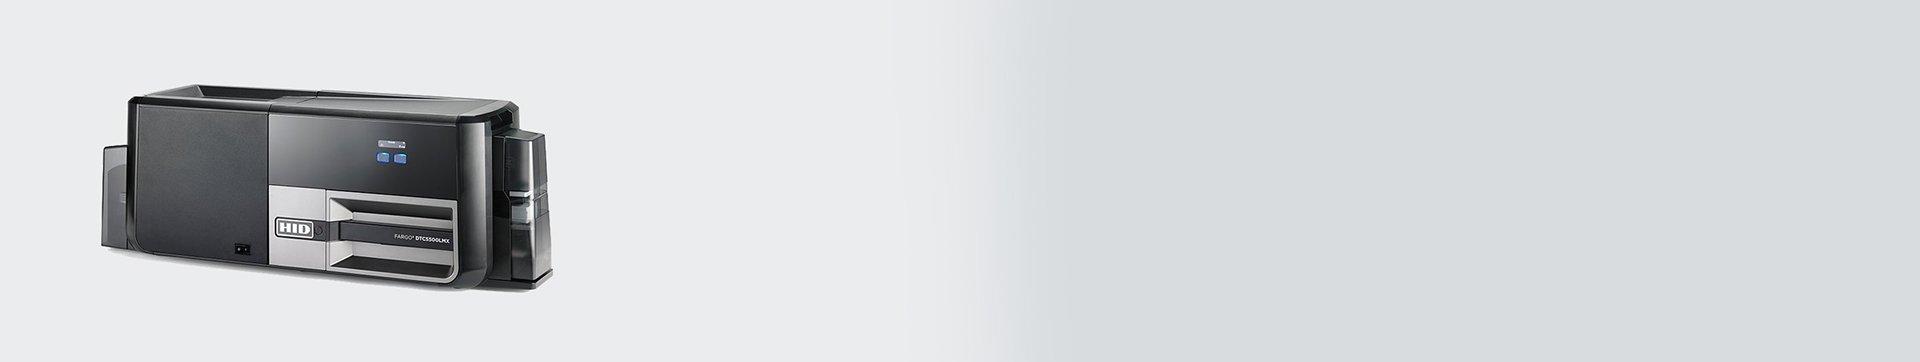 ID Stampaci - Fargo DTC5500LMX